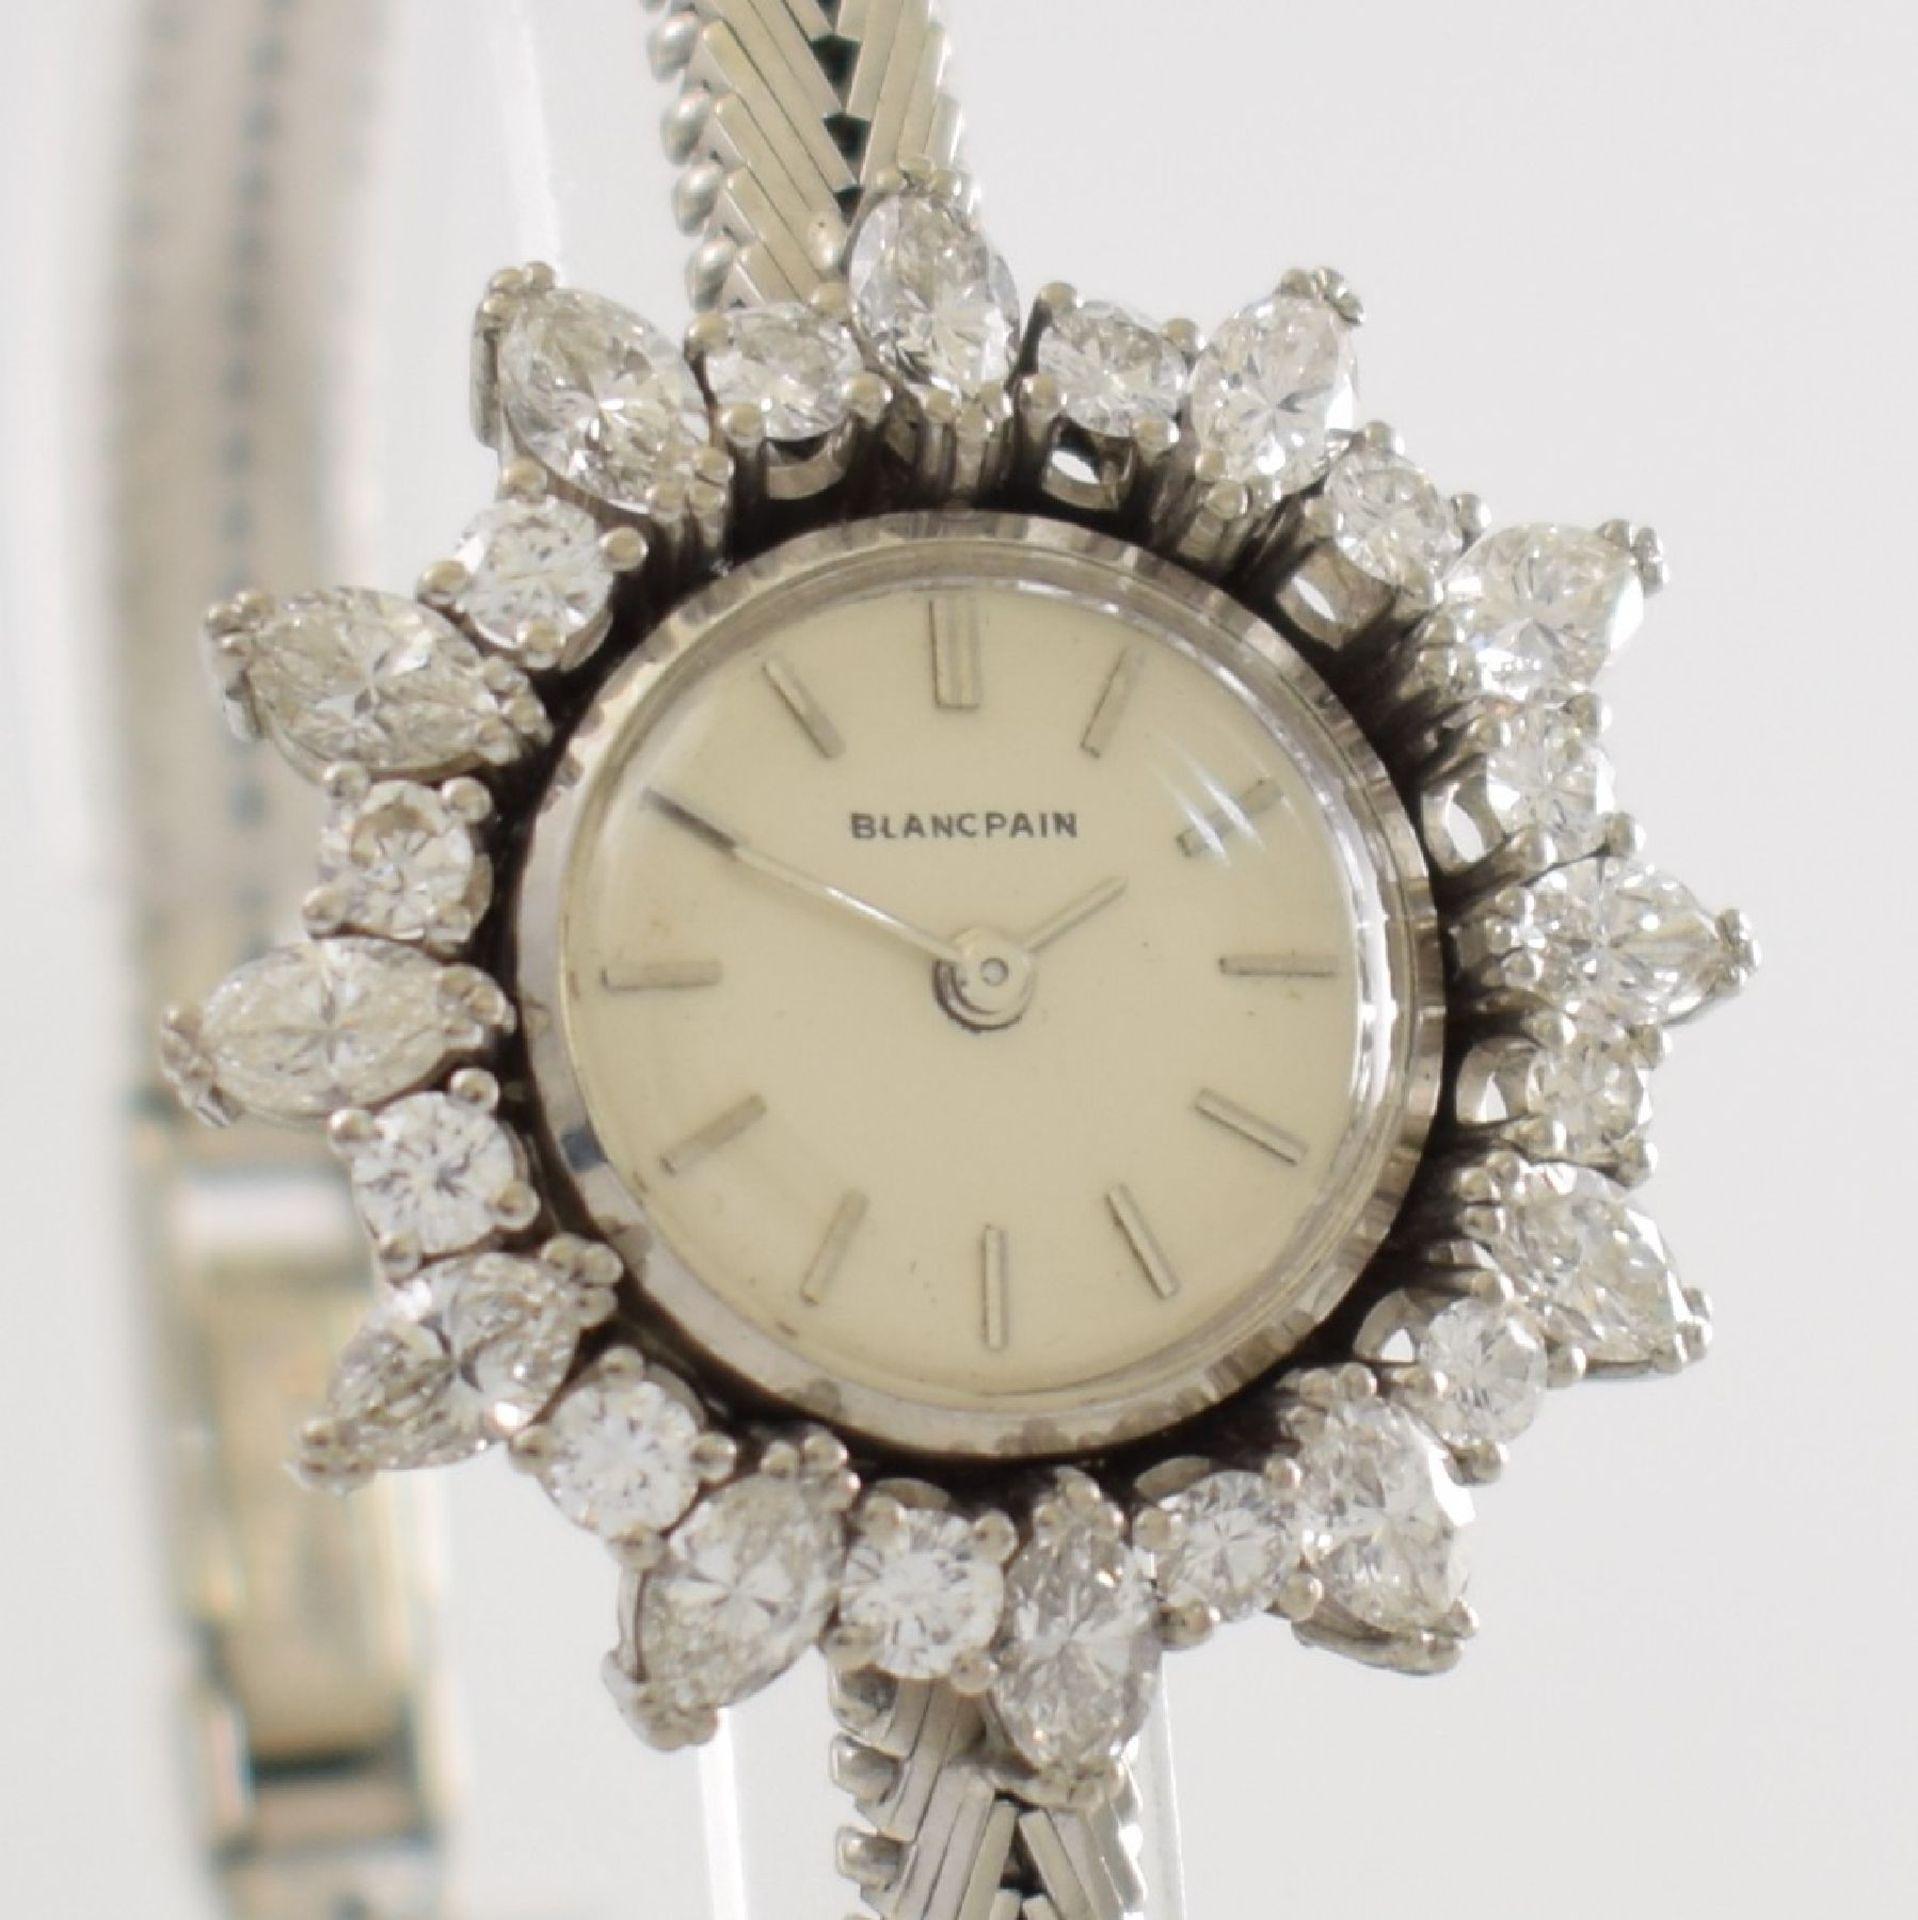 BLANCPAIN ausgefallene Damenarmbanduhr in WG 750/000 mit Diamantenbesatz zus. ca. 2,5 ct, Schweiz - Bild 6 aus 8